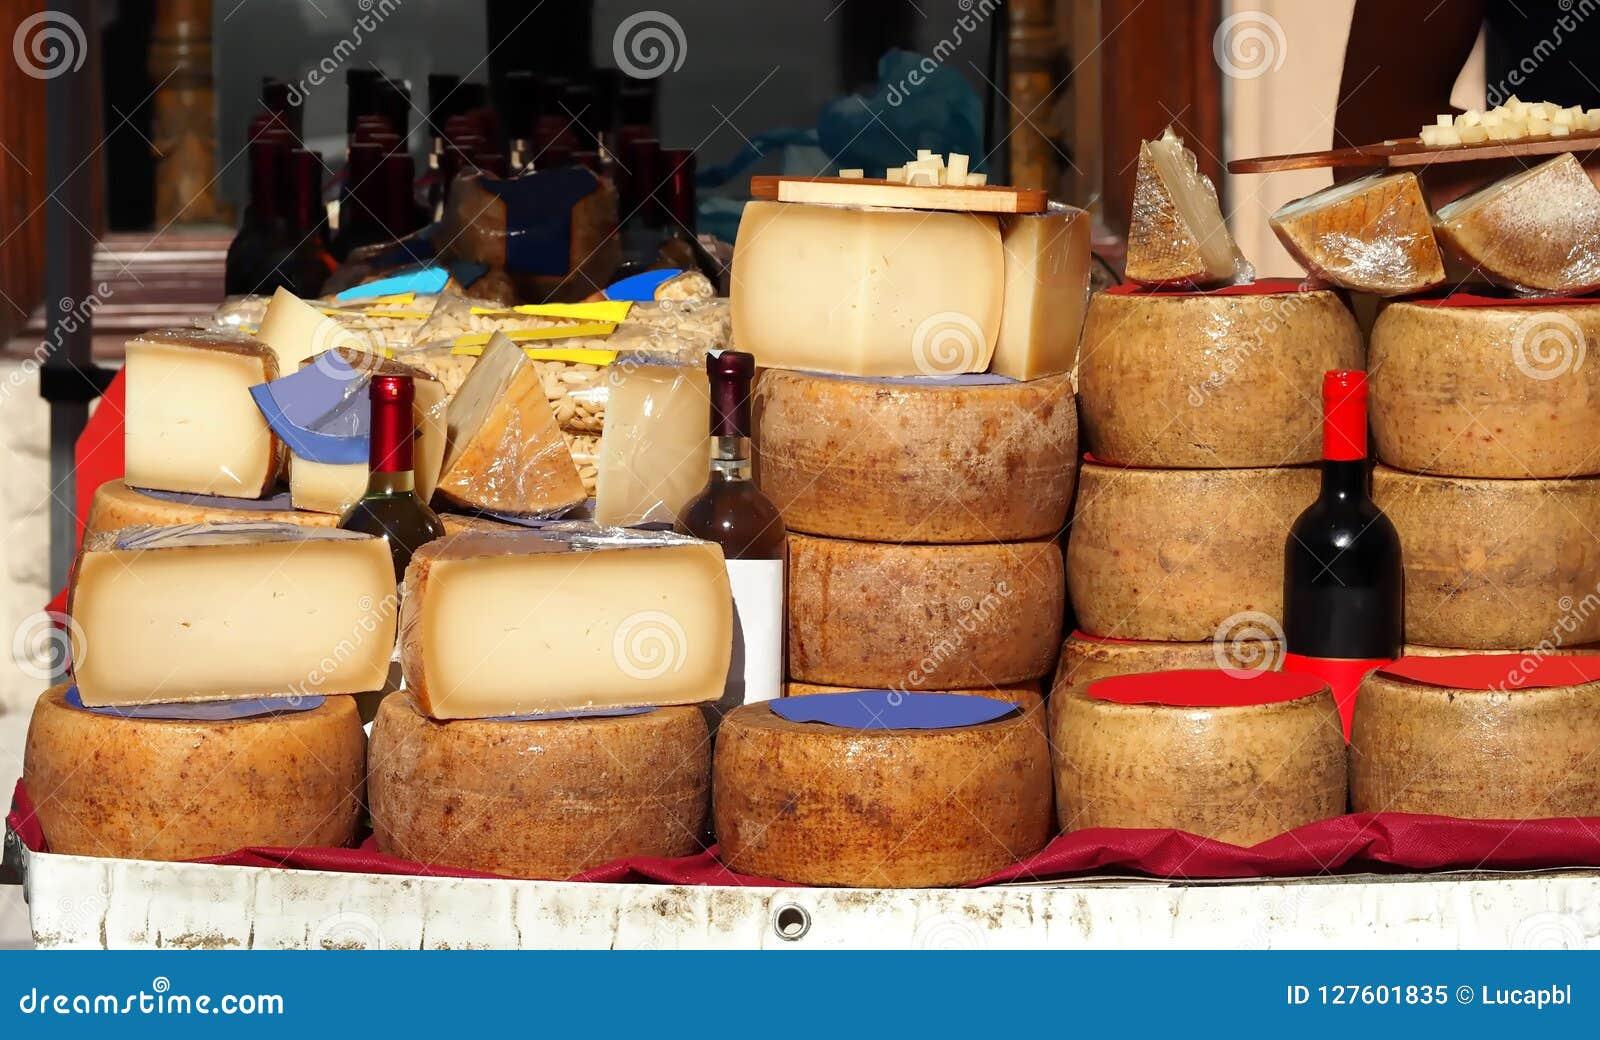 Plakken en wielen van Pecorino-kaas samen met flessen van Cannonau, witte wijn, deegwaren en andere Sardische typische schotels